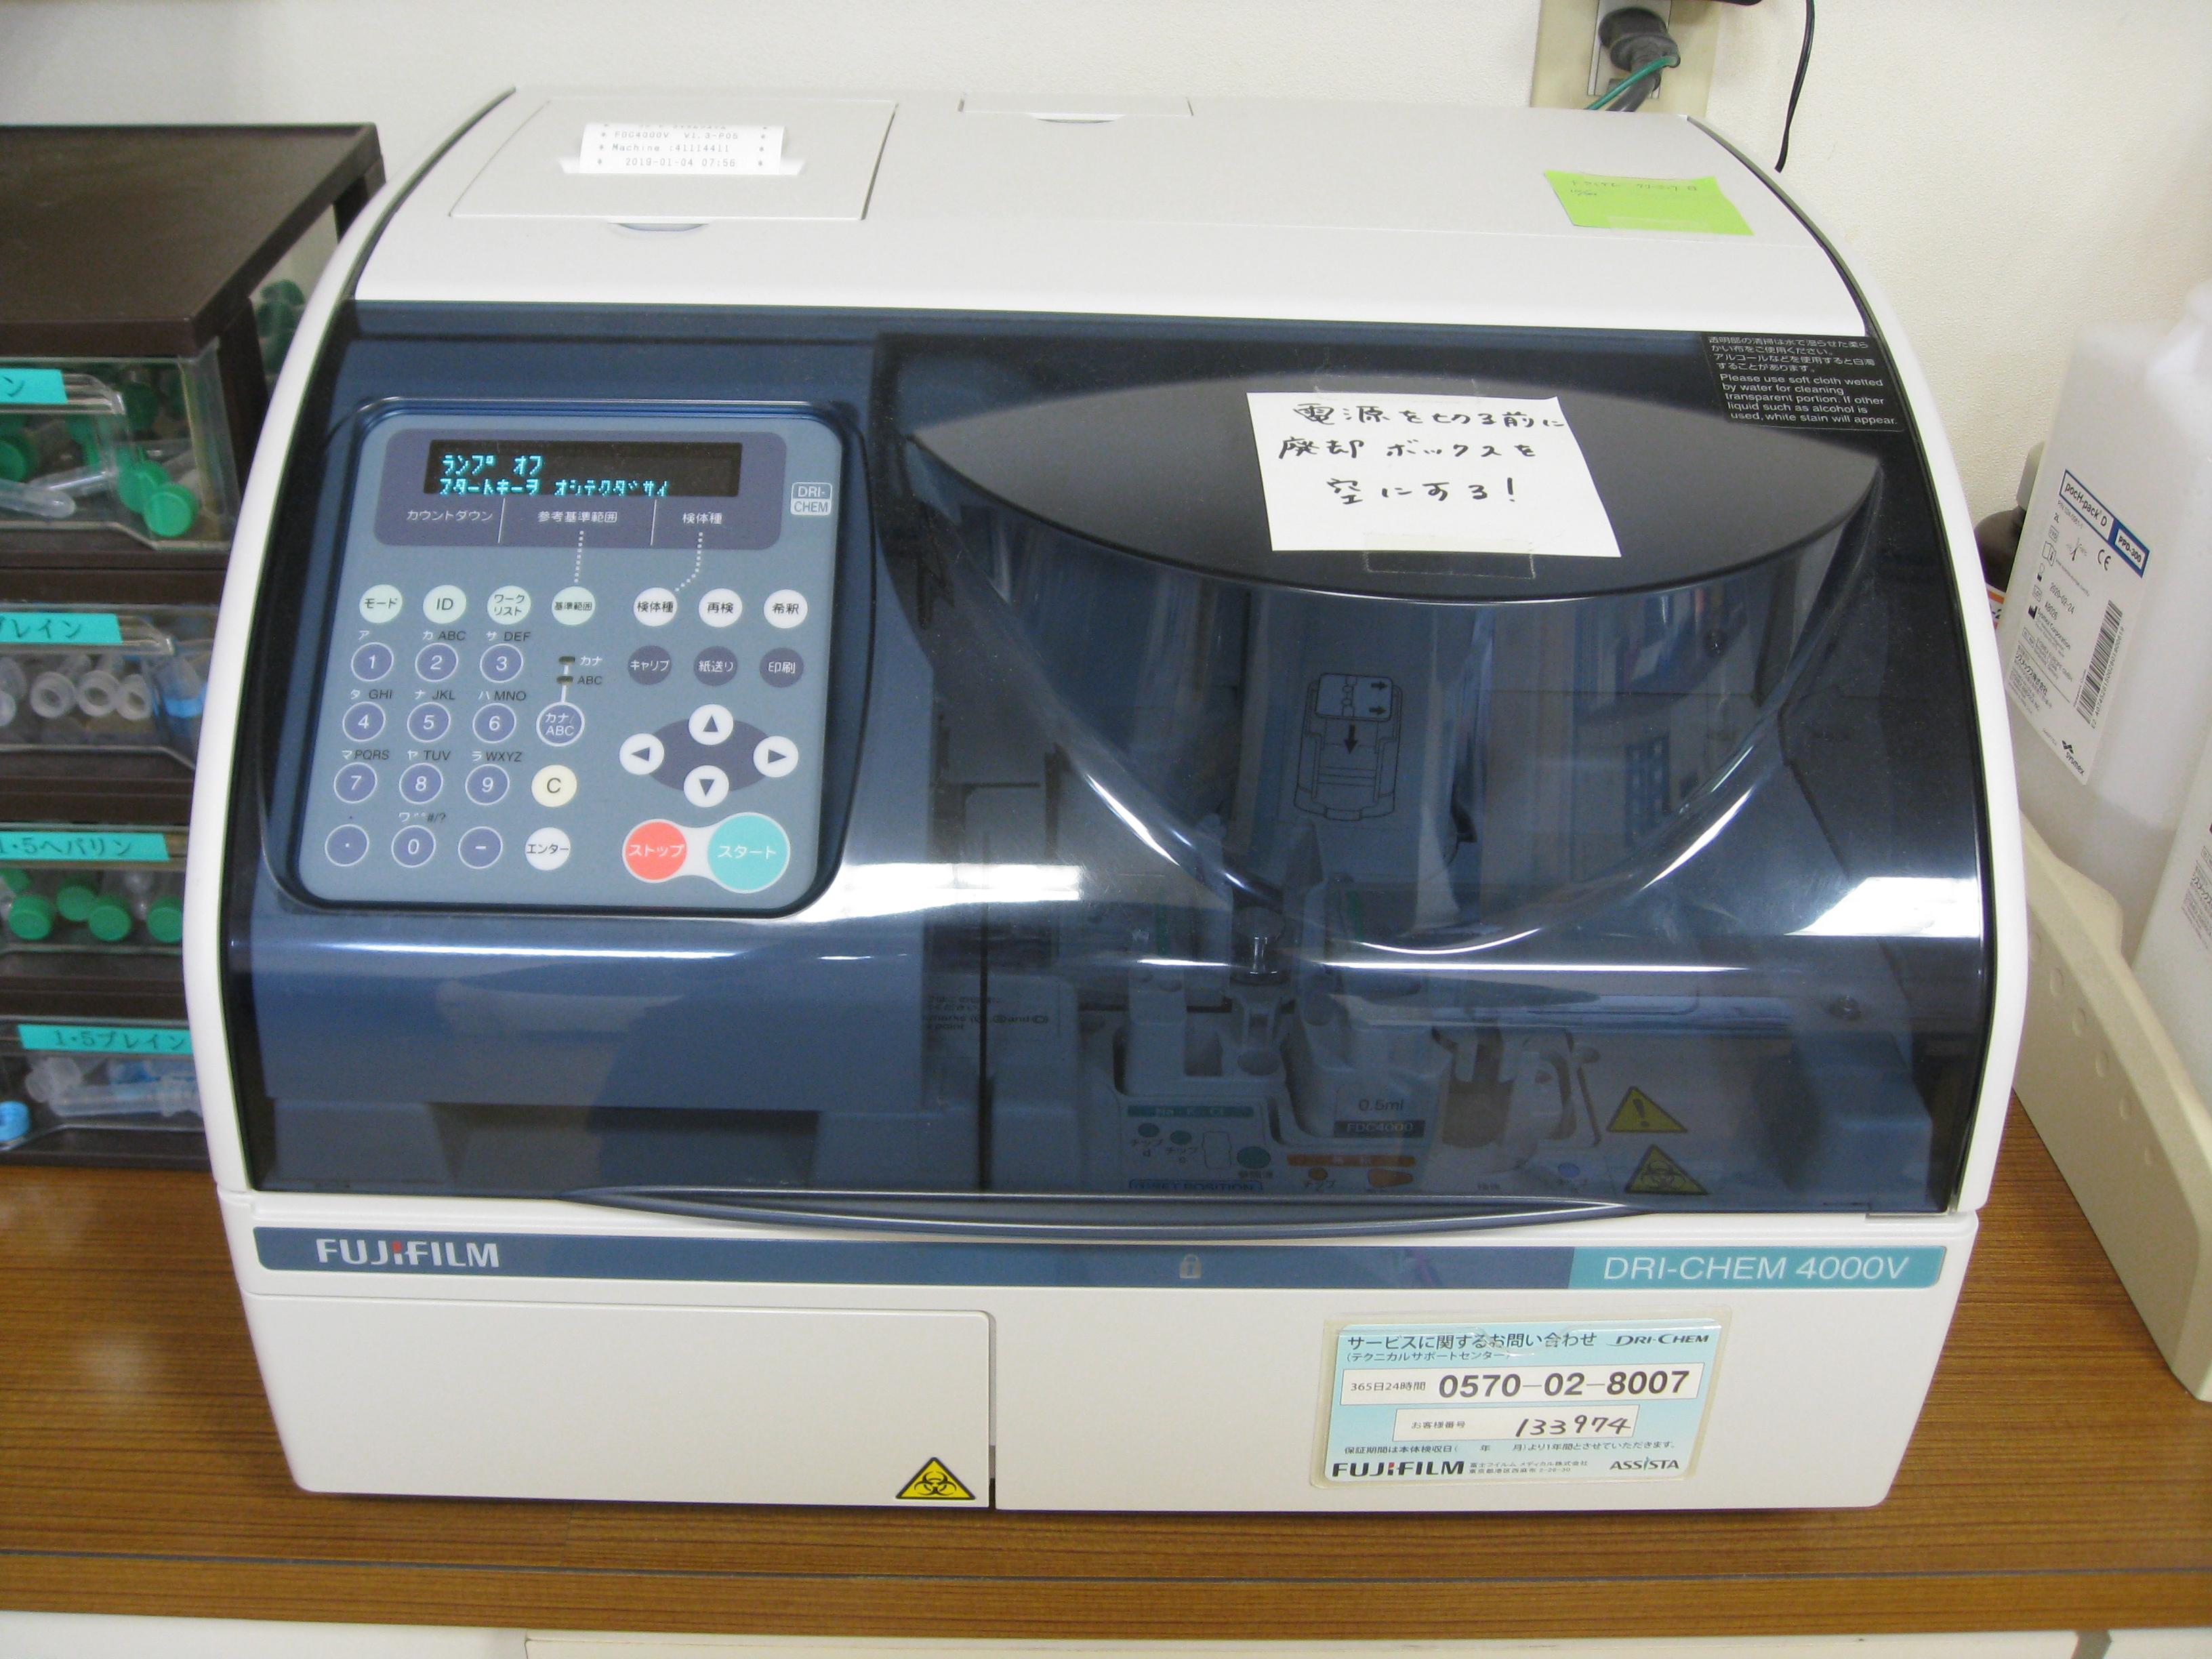 血液生化学検査機器